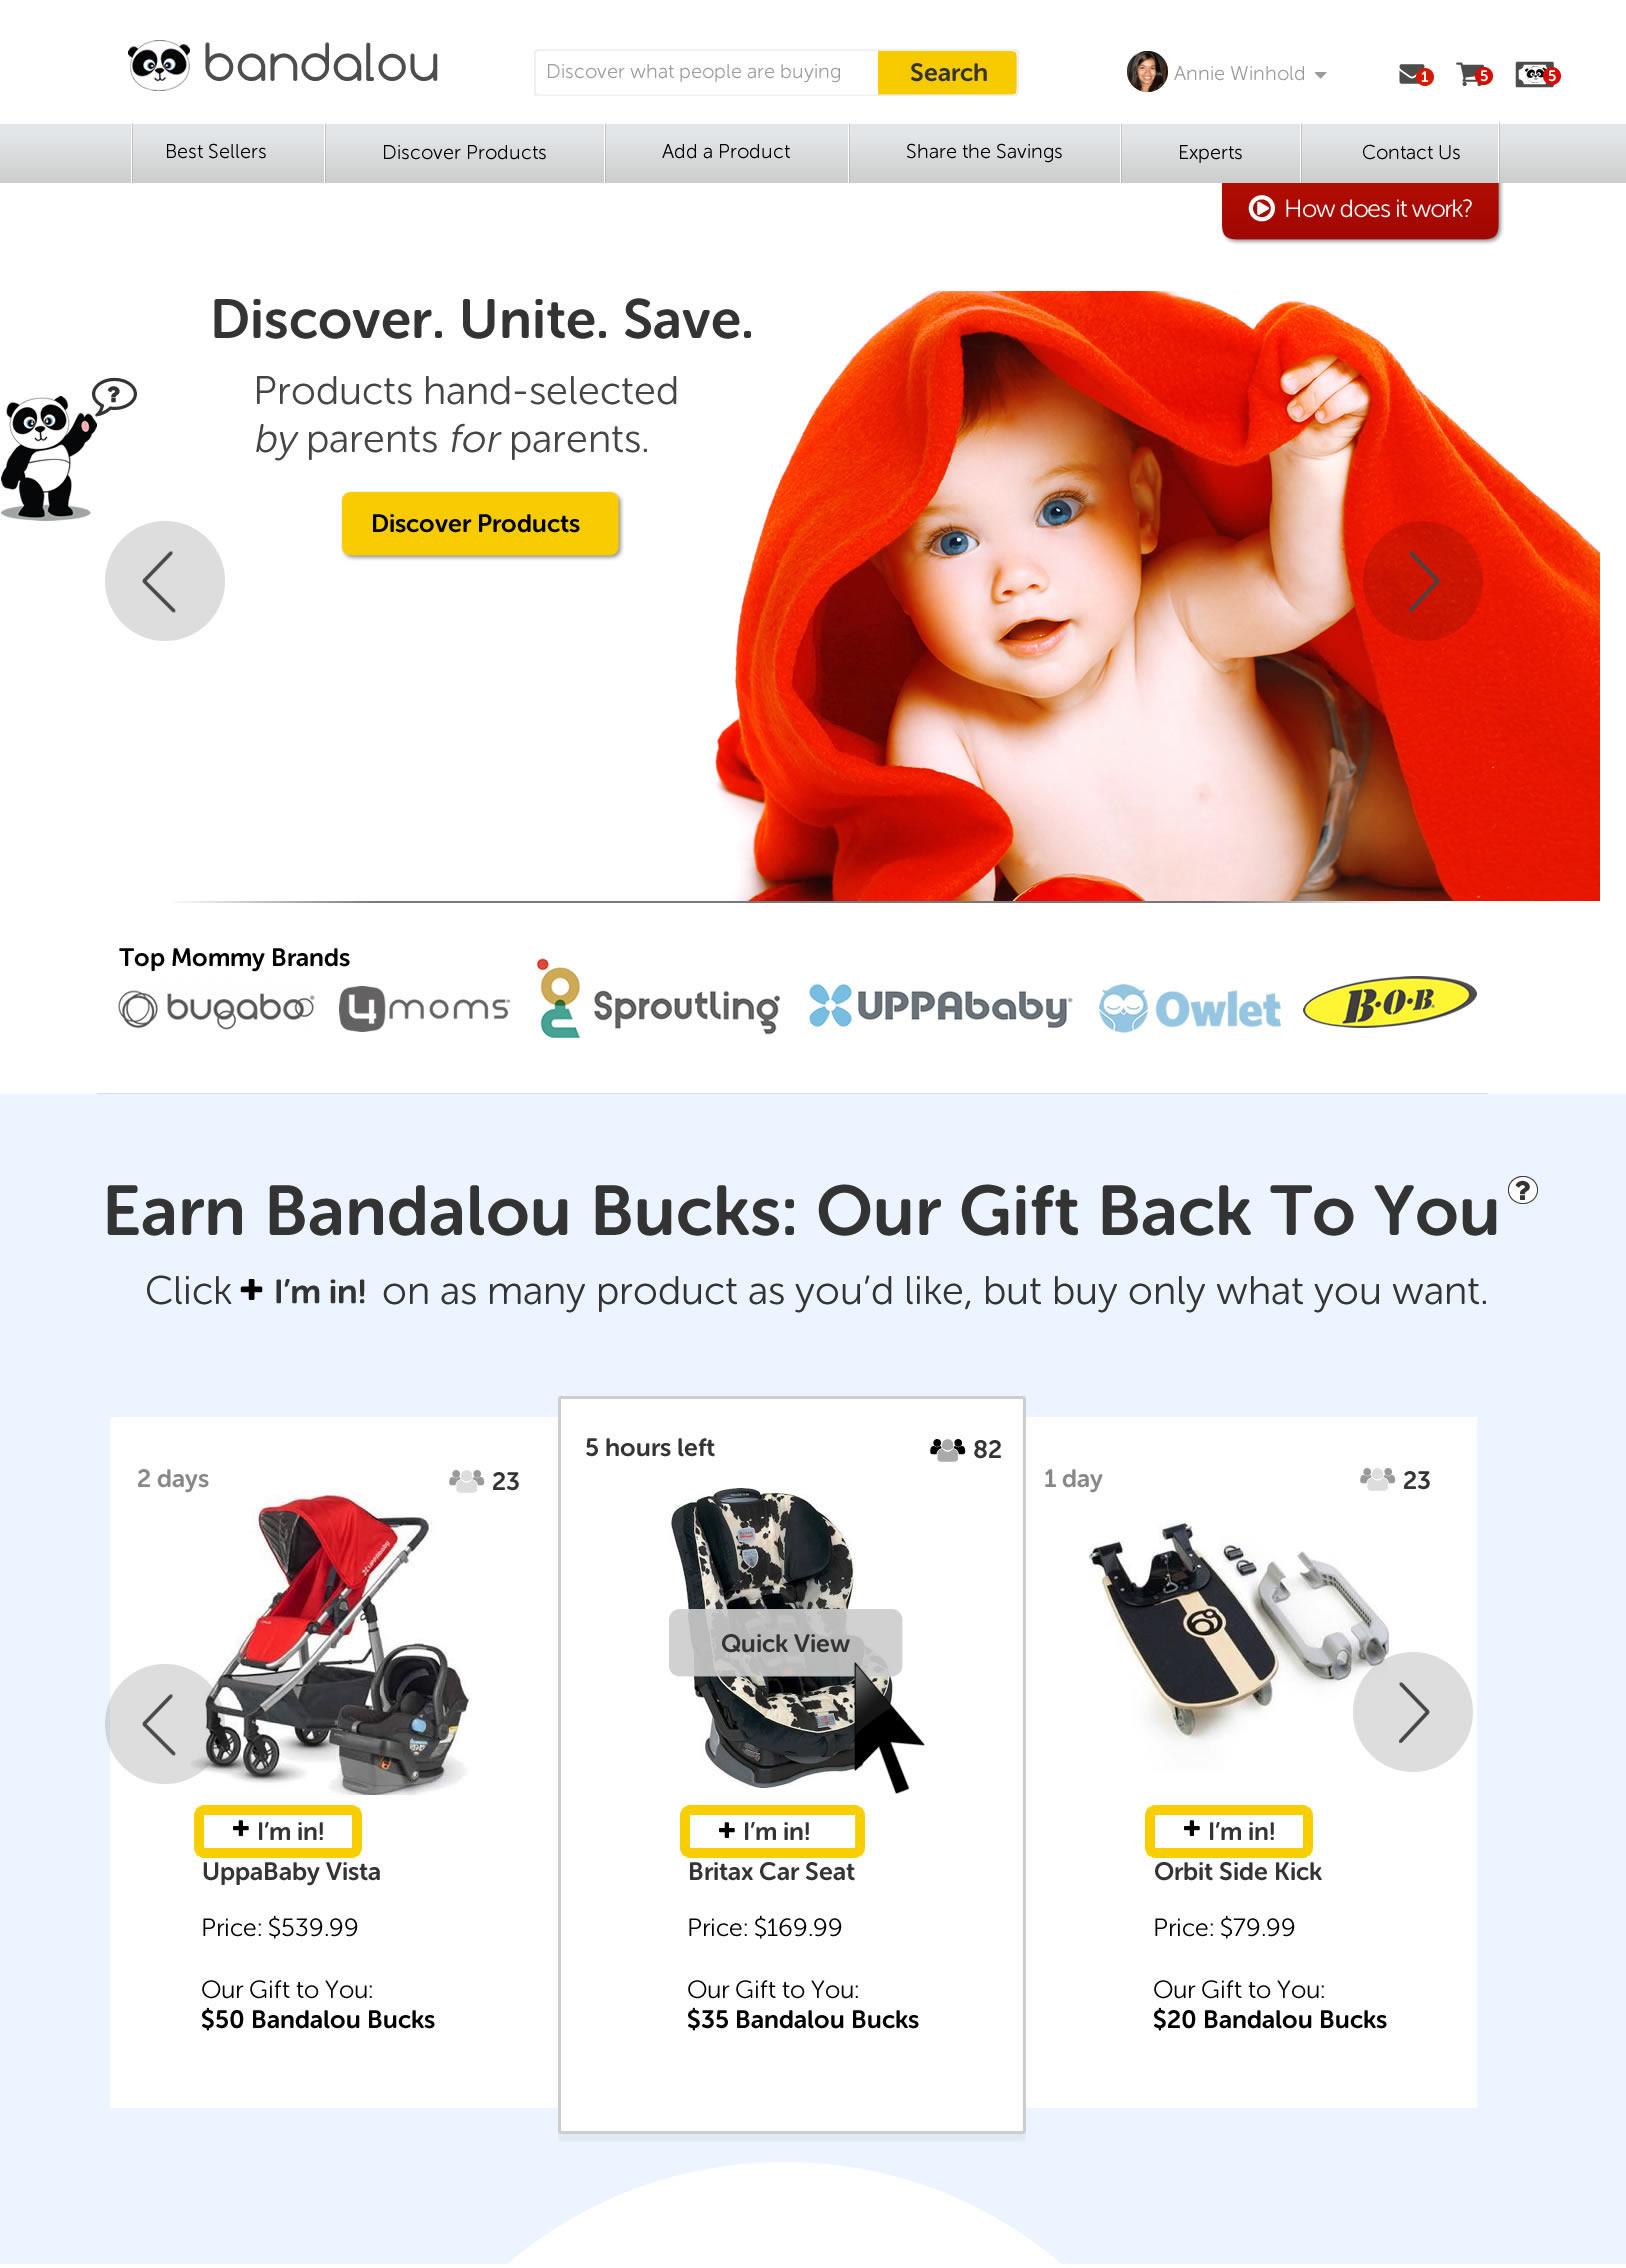 Bandalou_homepage_panda_edits_v04